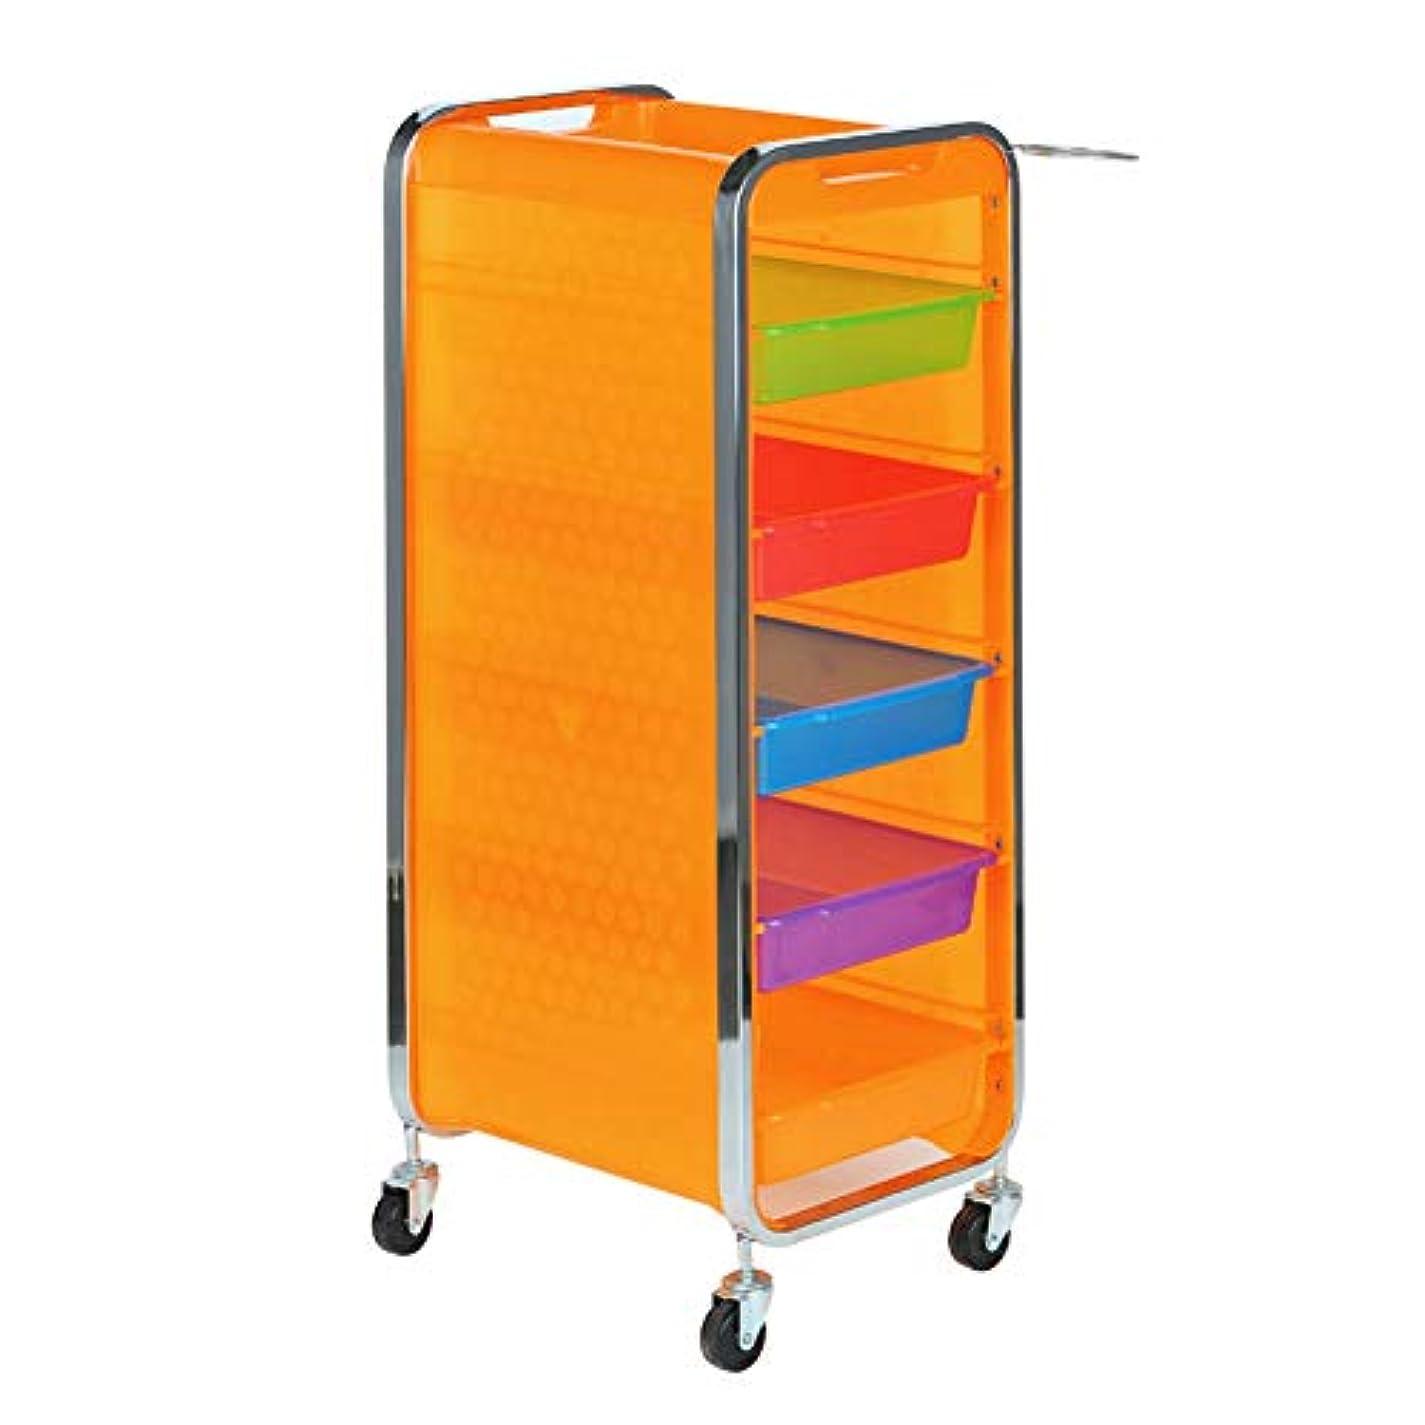 二層錆び促すサロン美容院トロリー美容美容収納カート6層トレイ多機能引き出し虹色,Orange,B